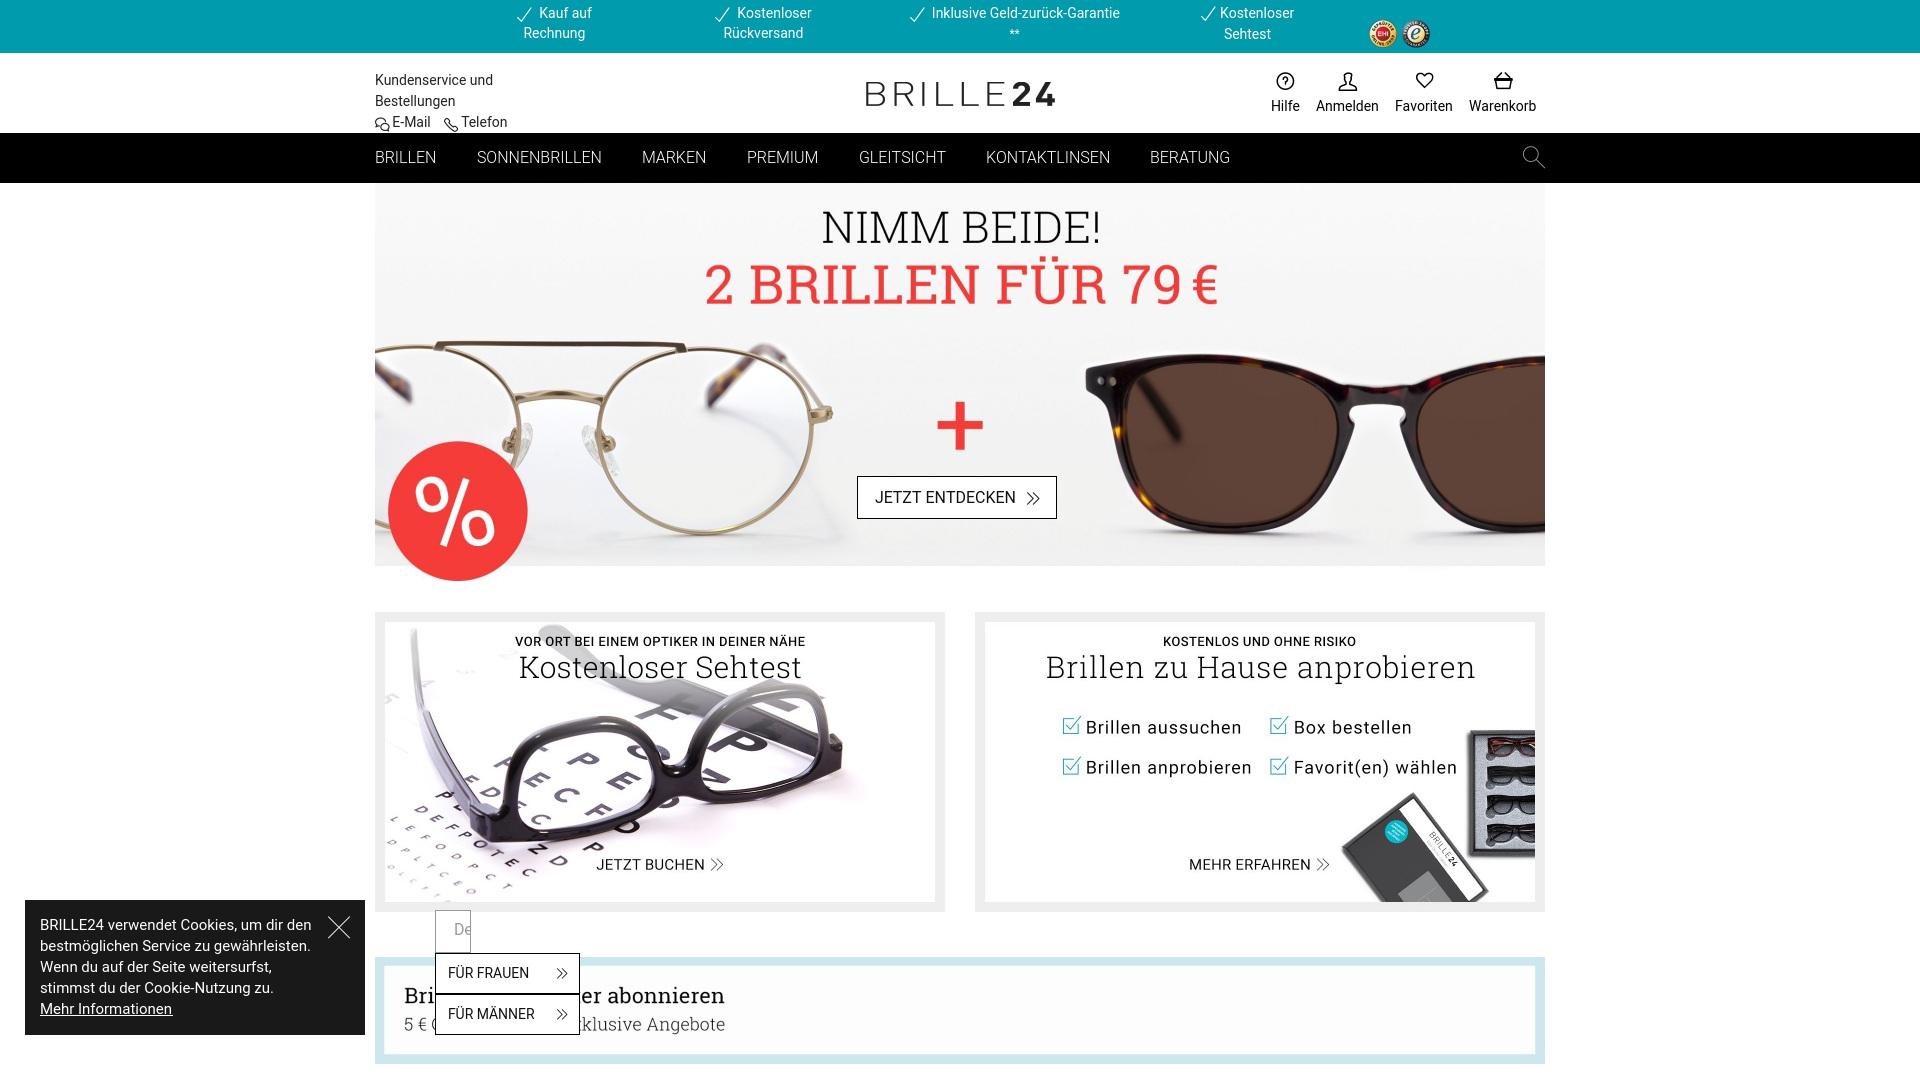 Gutschein für Brille24: Rabatte für  Brille24 sichern